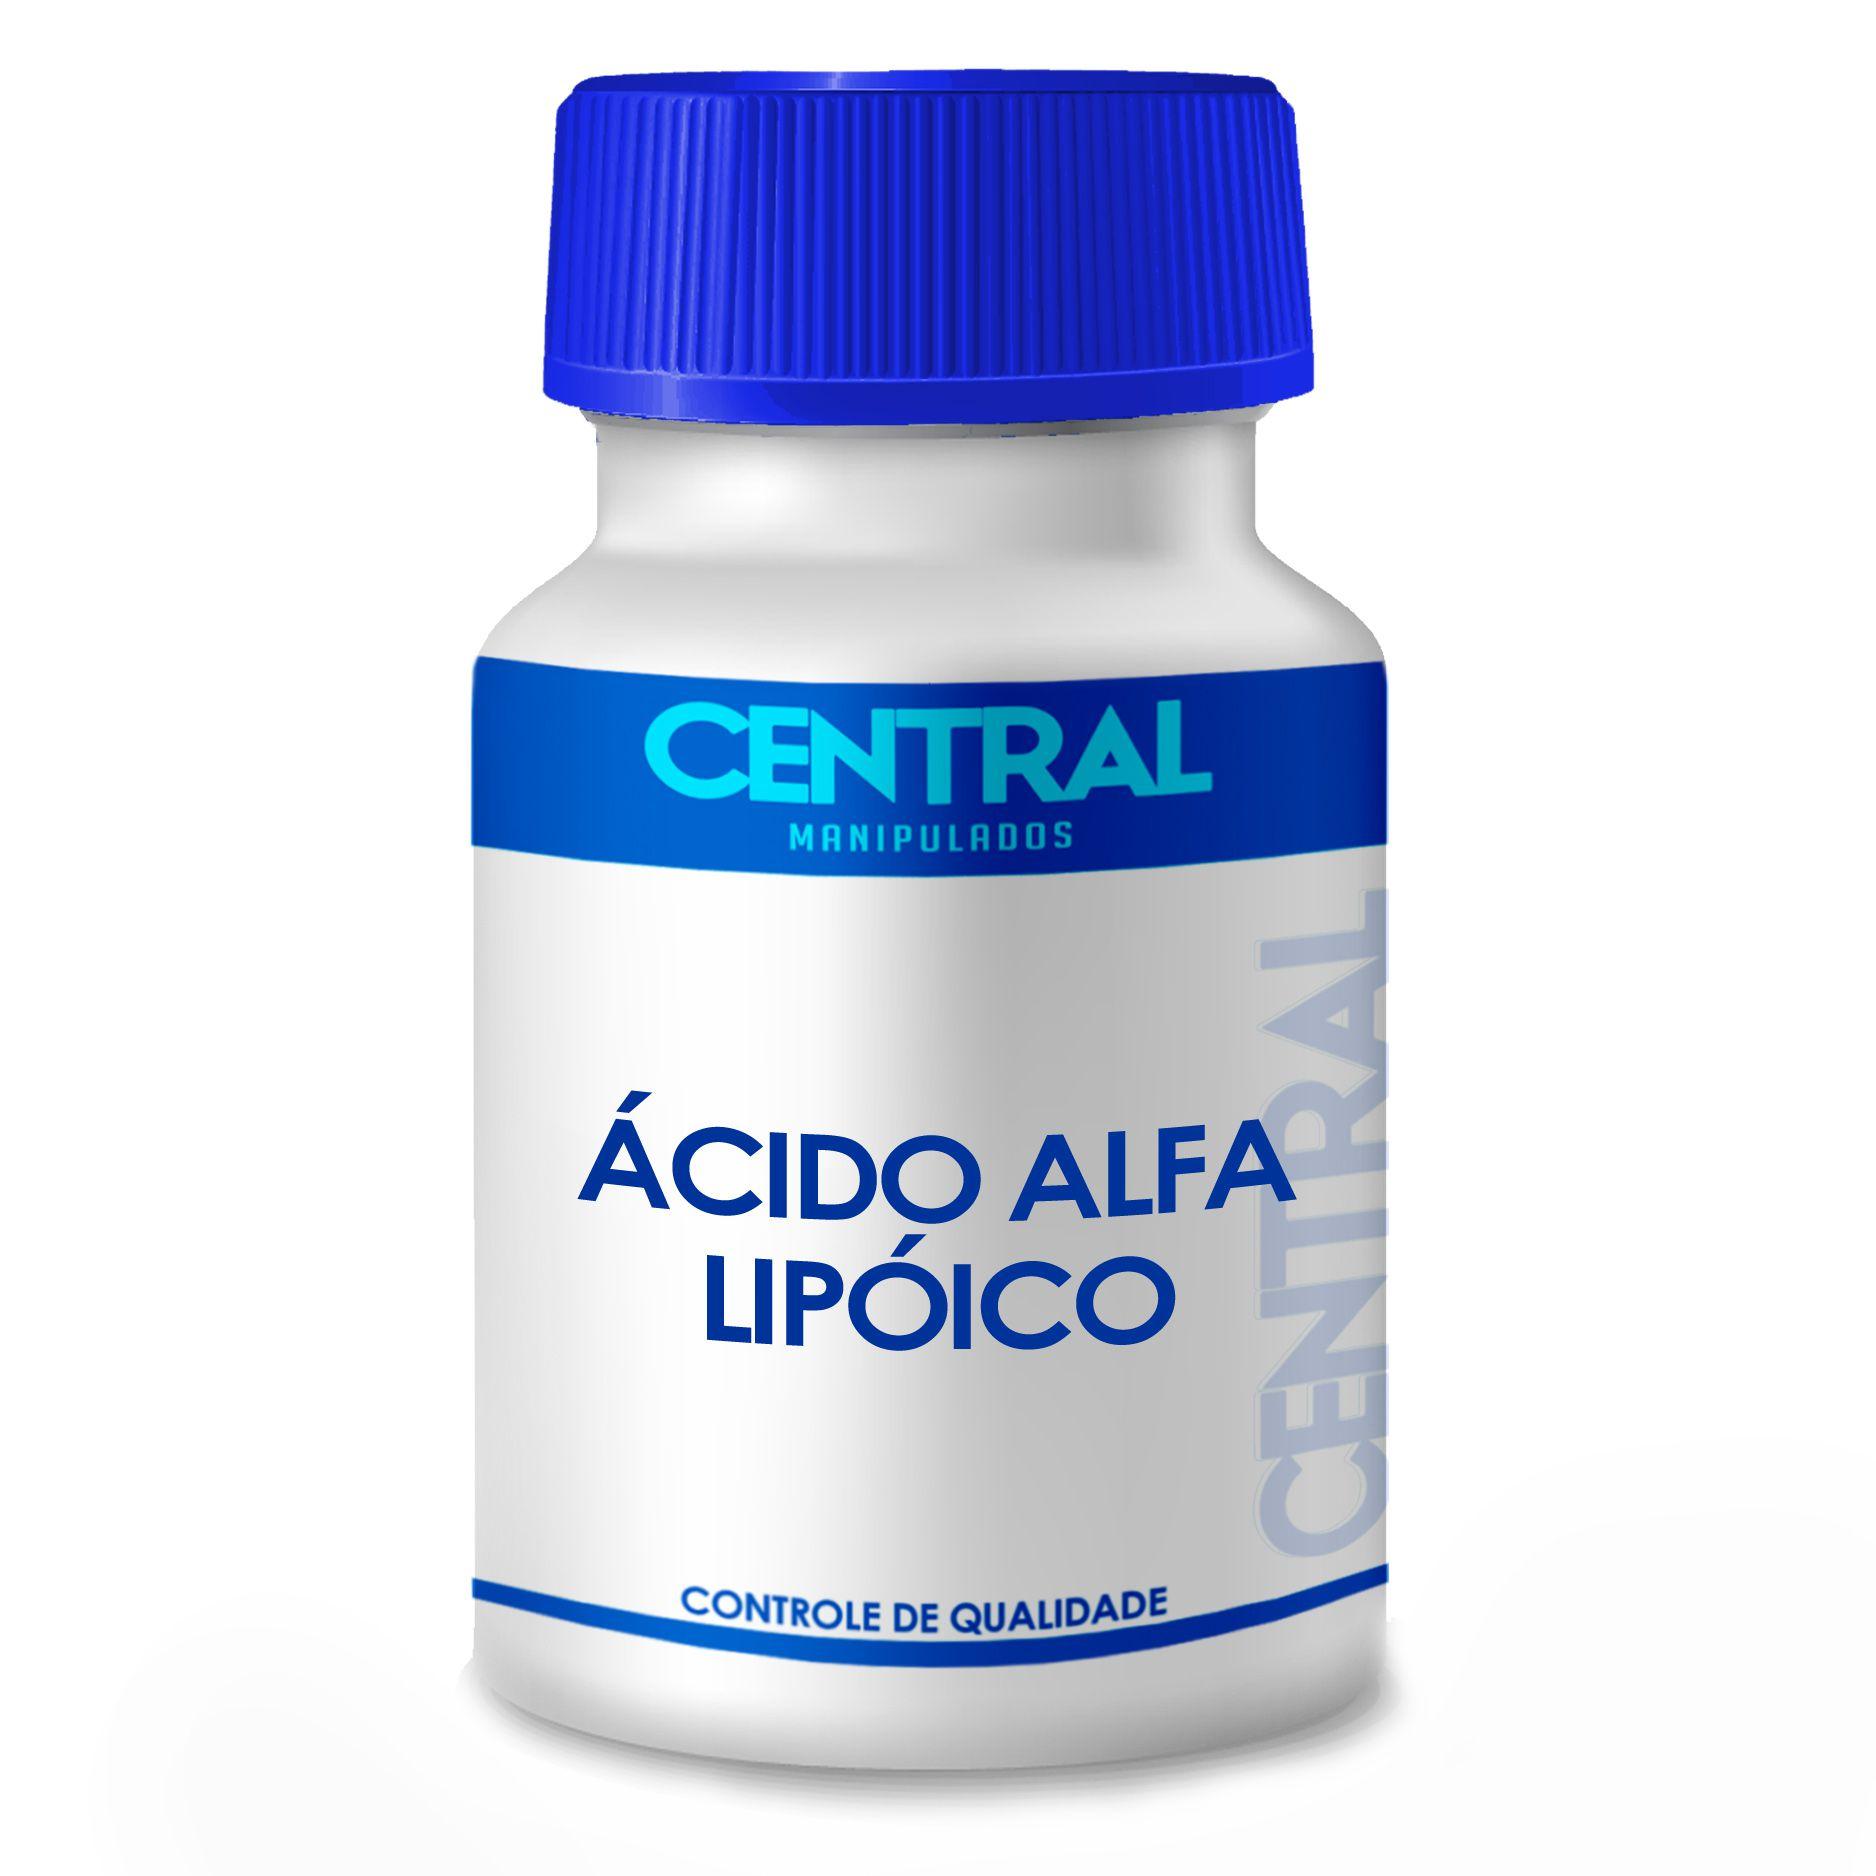 Ácido Alfa Lipóico - poderoso antioxidante - 500mg 60 cápsulas